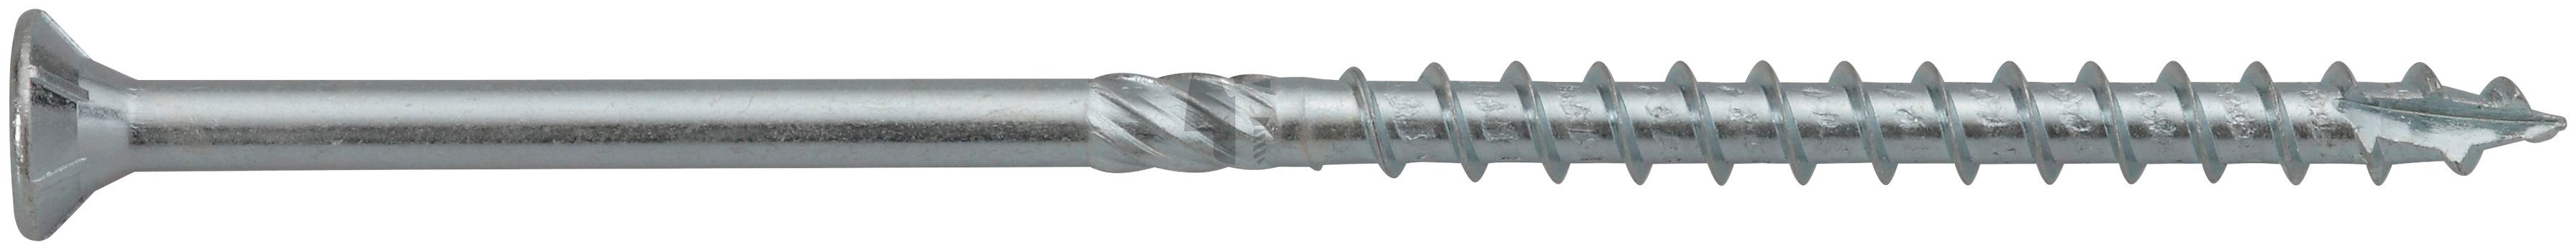 RAMSES Schrauben , Holzbauschraube 8 x 220 mm 25 Stk.